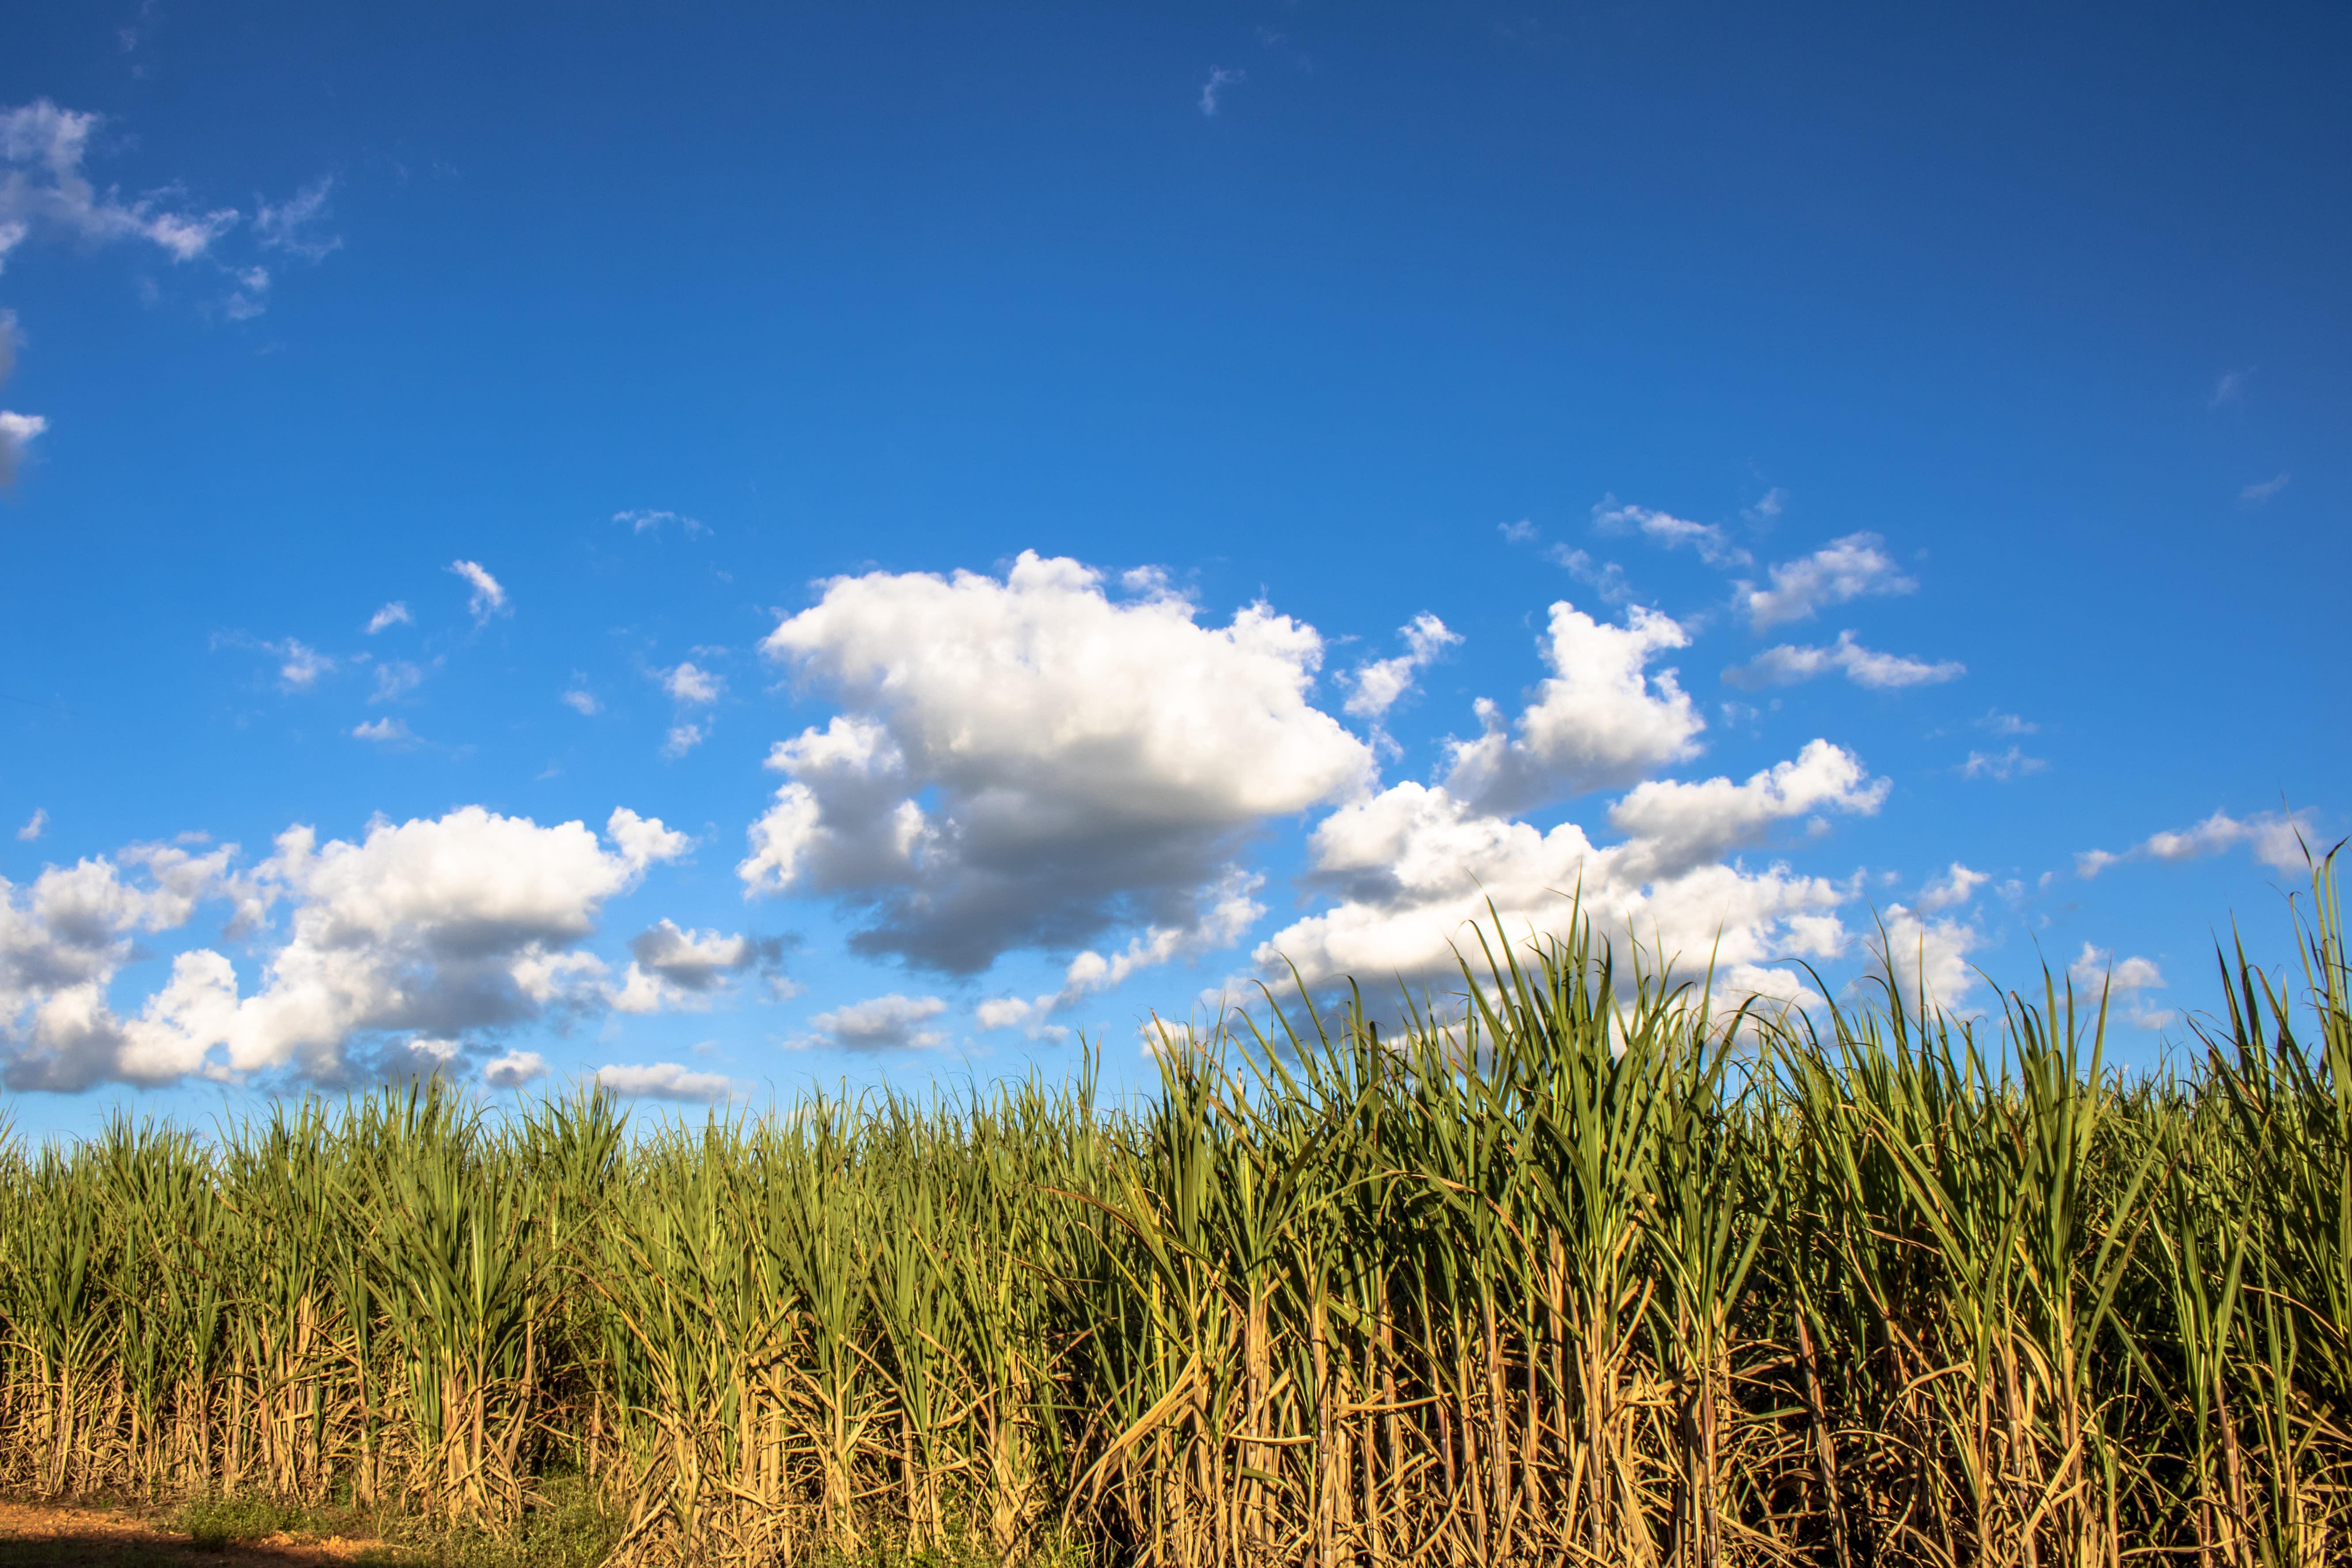 Governo libera cana-de-açúcar na Amazônia e no Pantanal